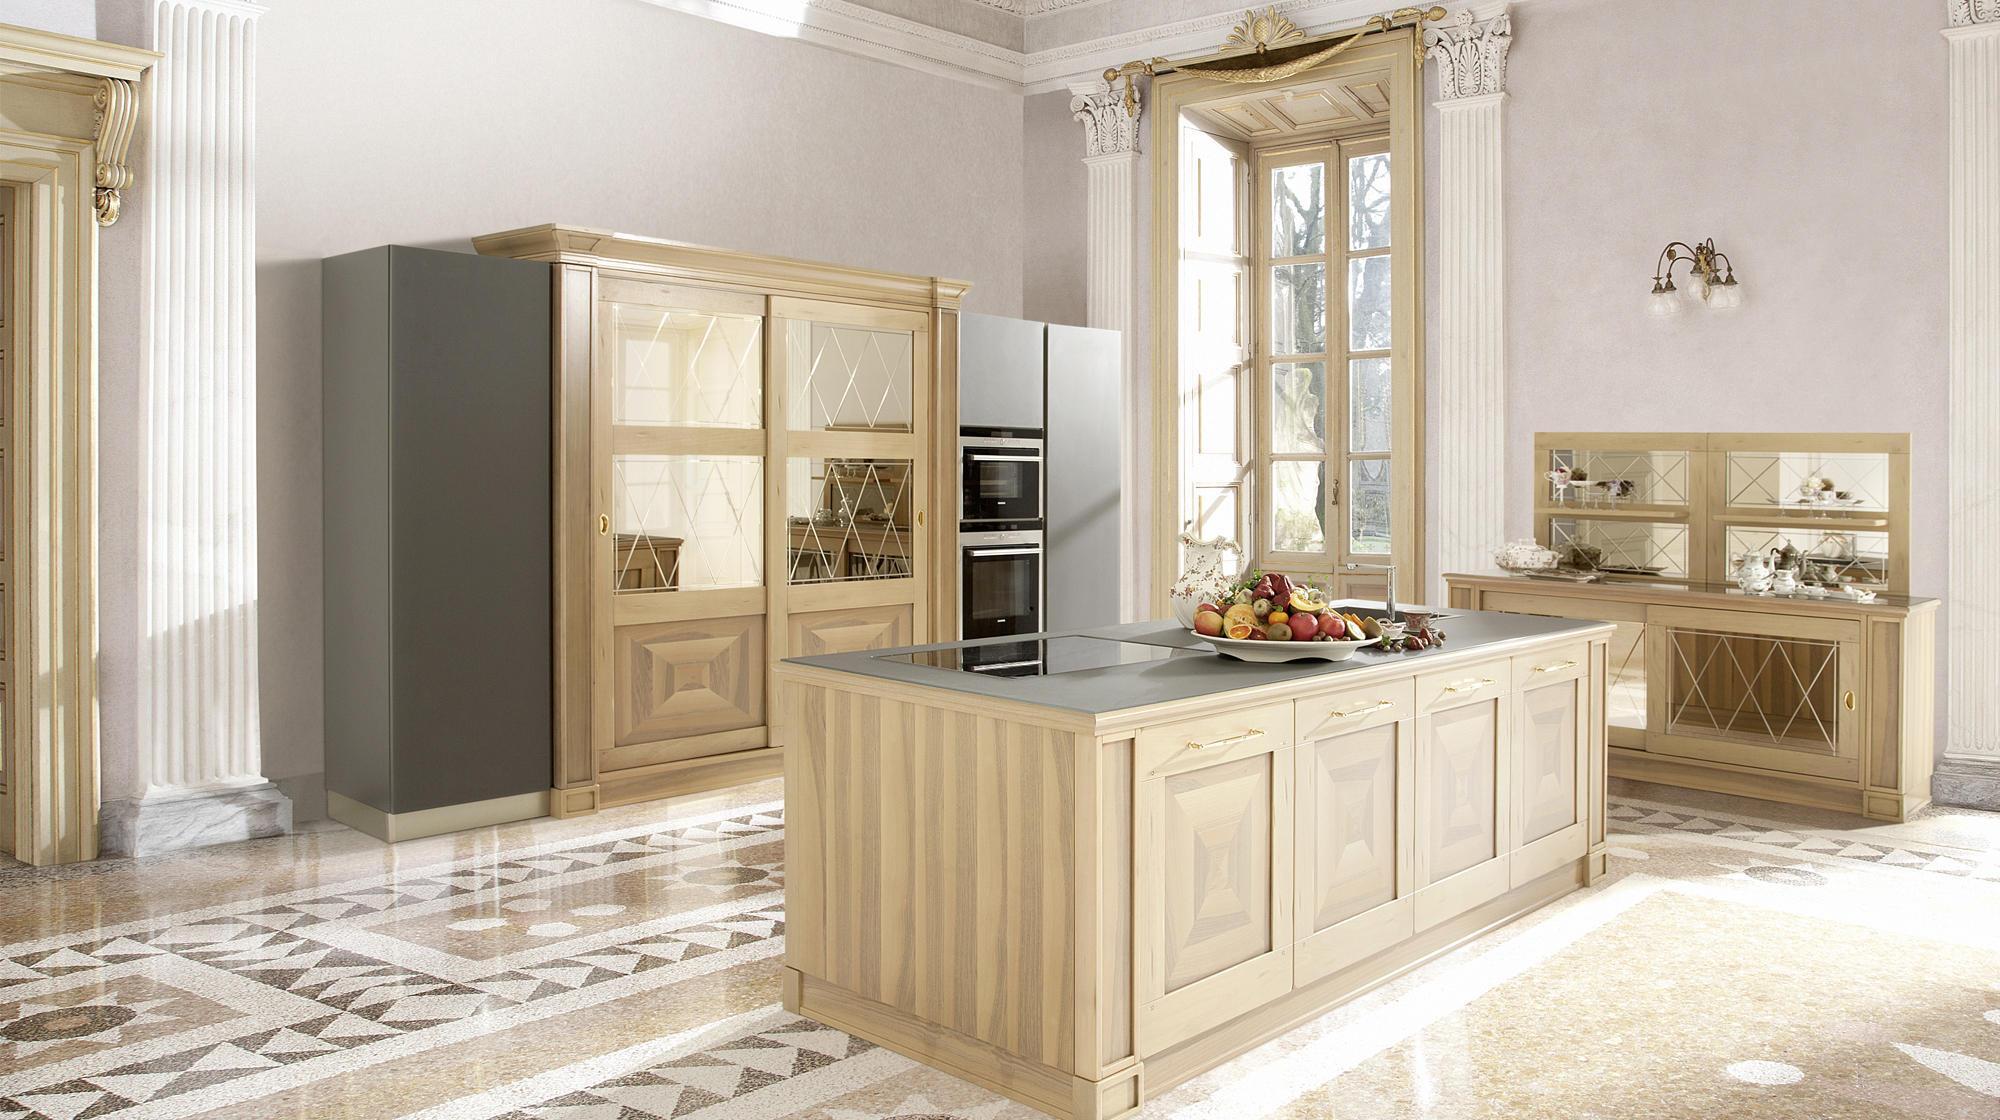 Ca' Veneta Einbauküchen Von Veneta Cucine ARCHITONIC #9A6D31 2000 1120 Veneta Cucine Ca D'oro